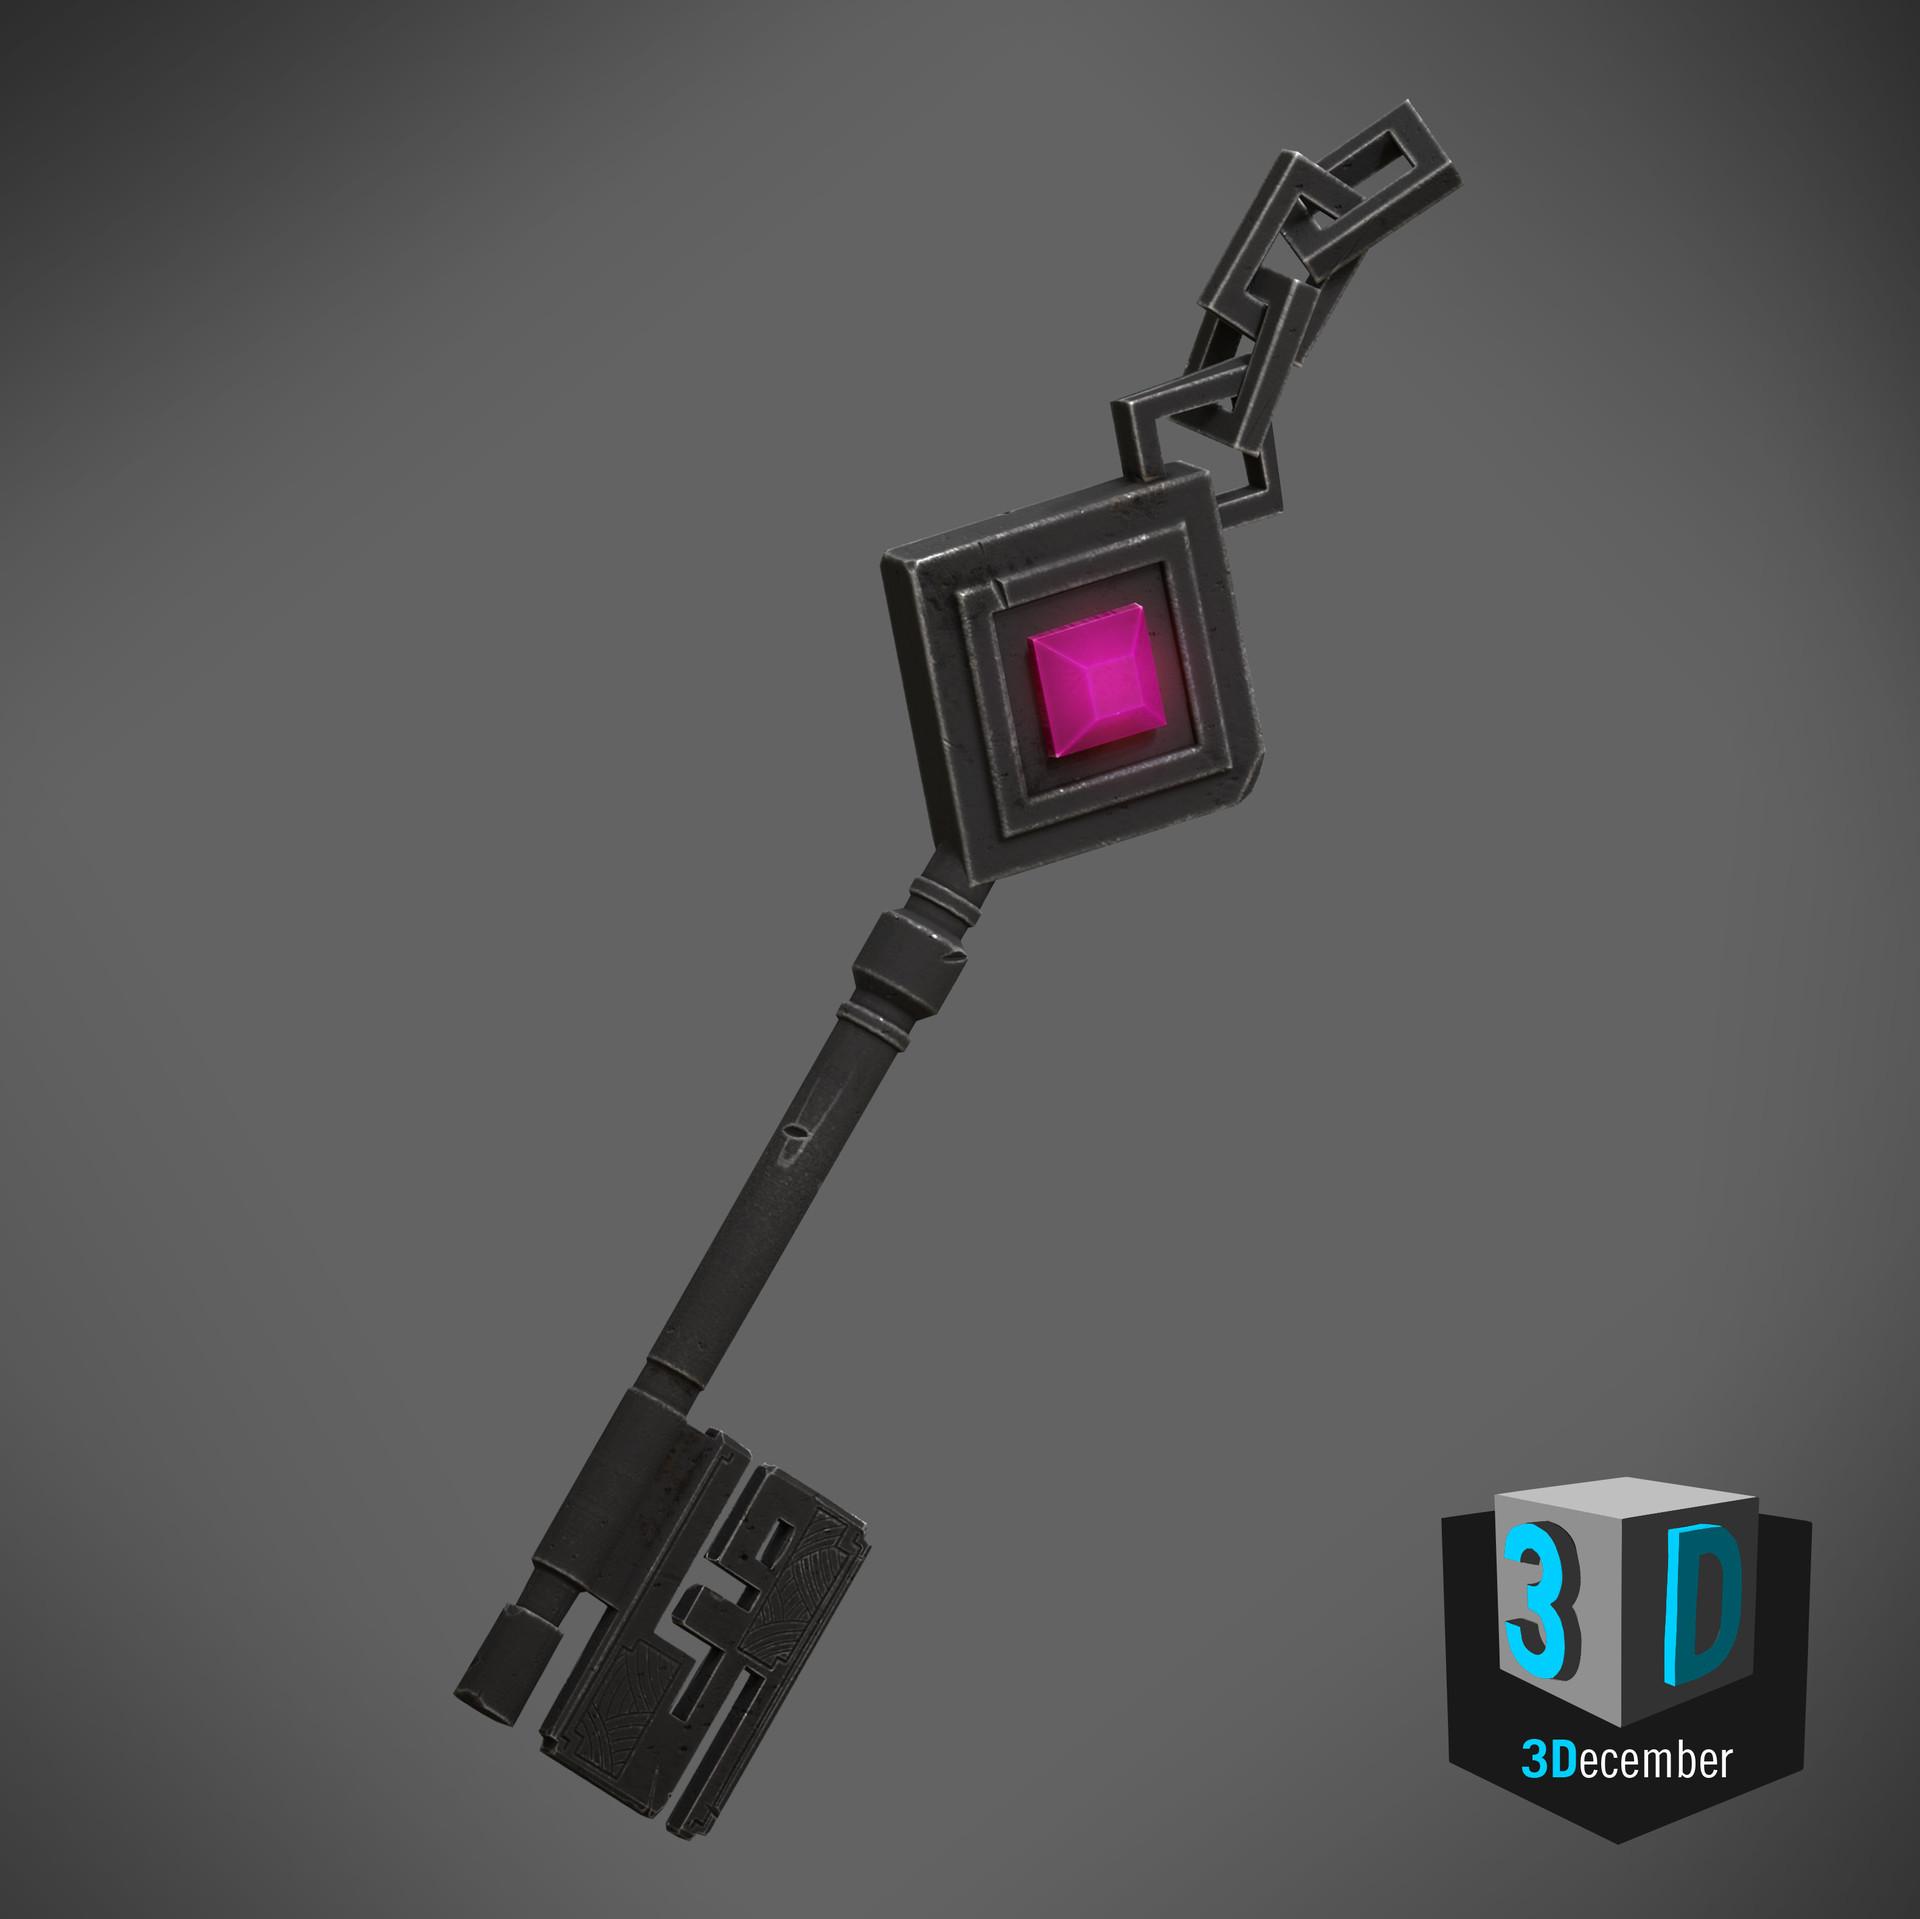 3December - Day 5 - Key